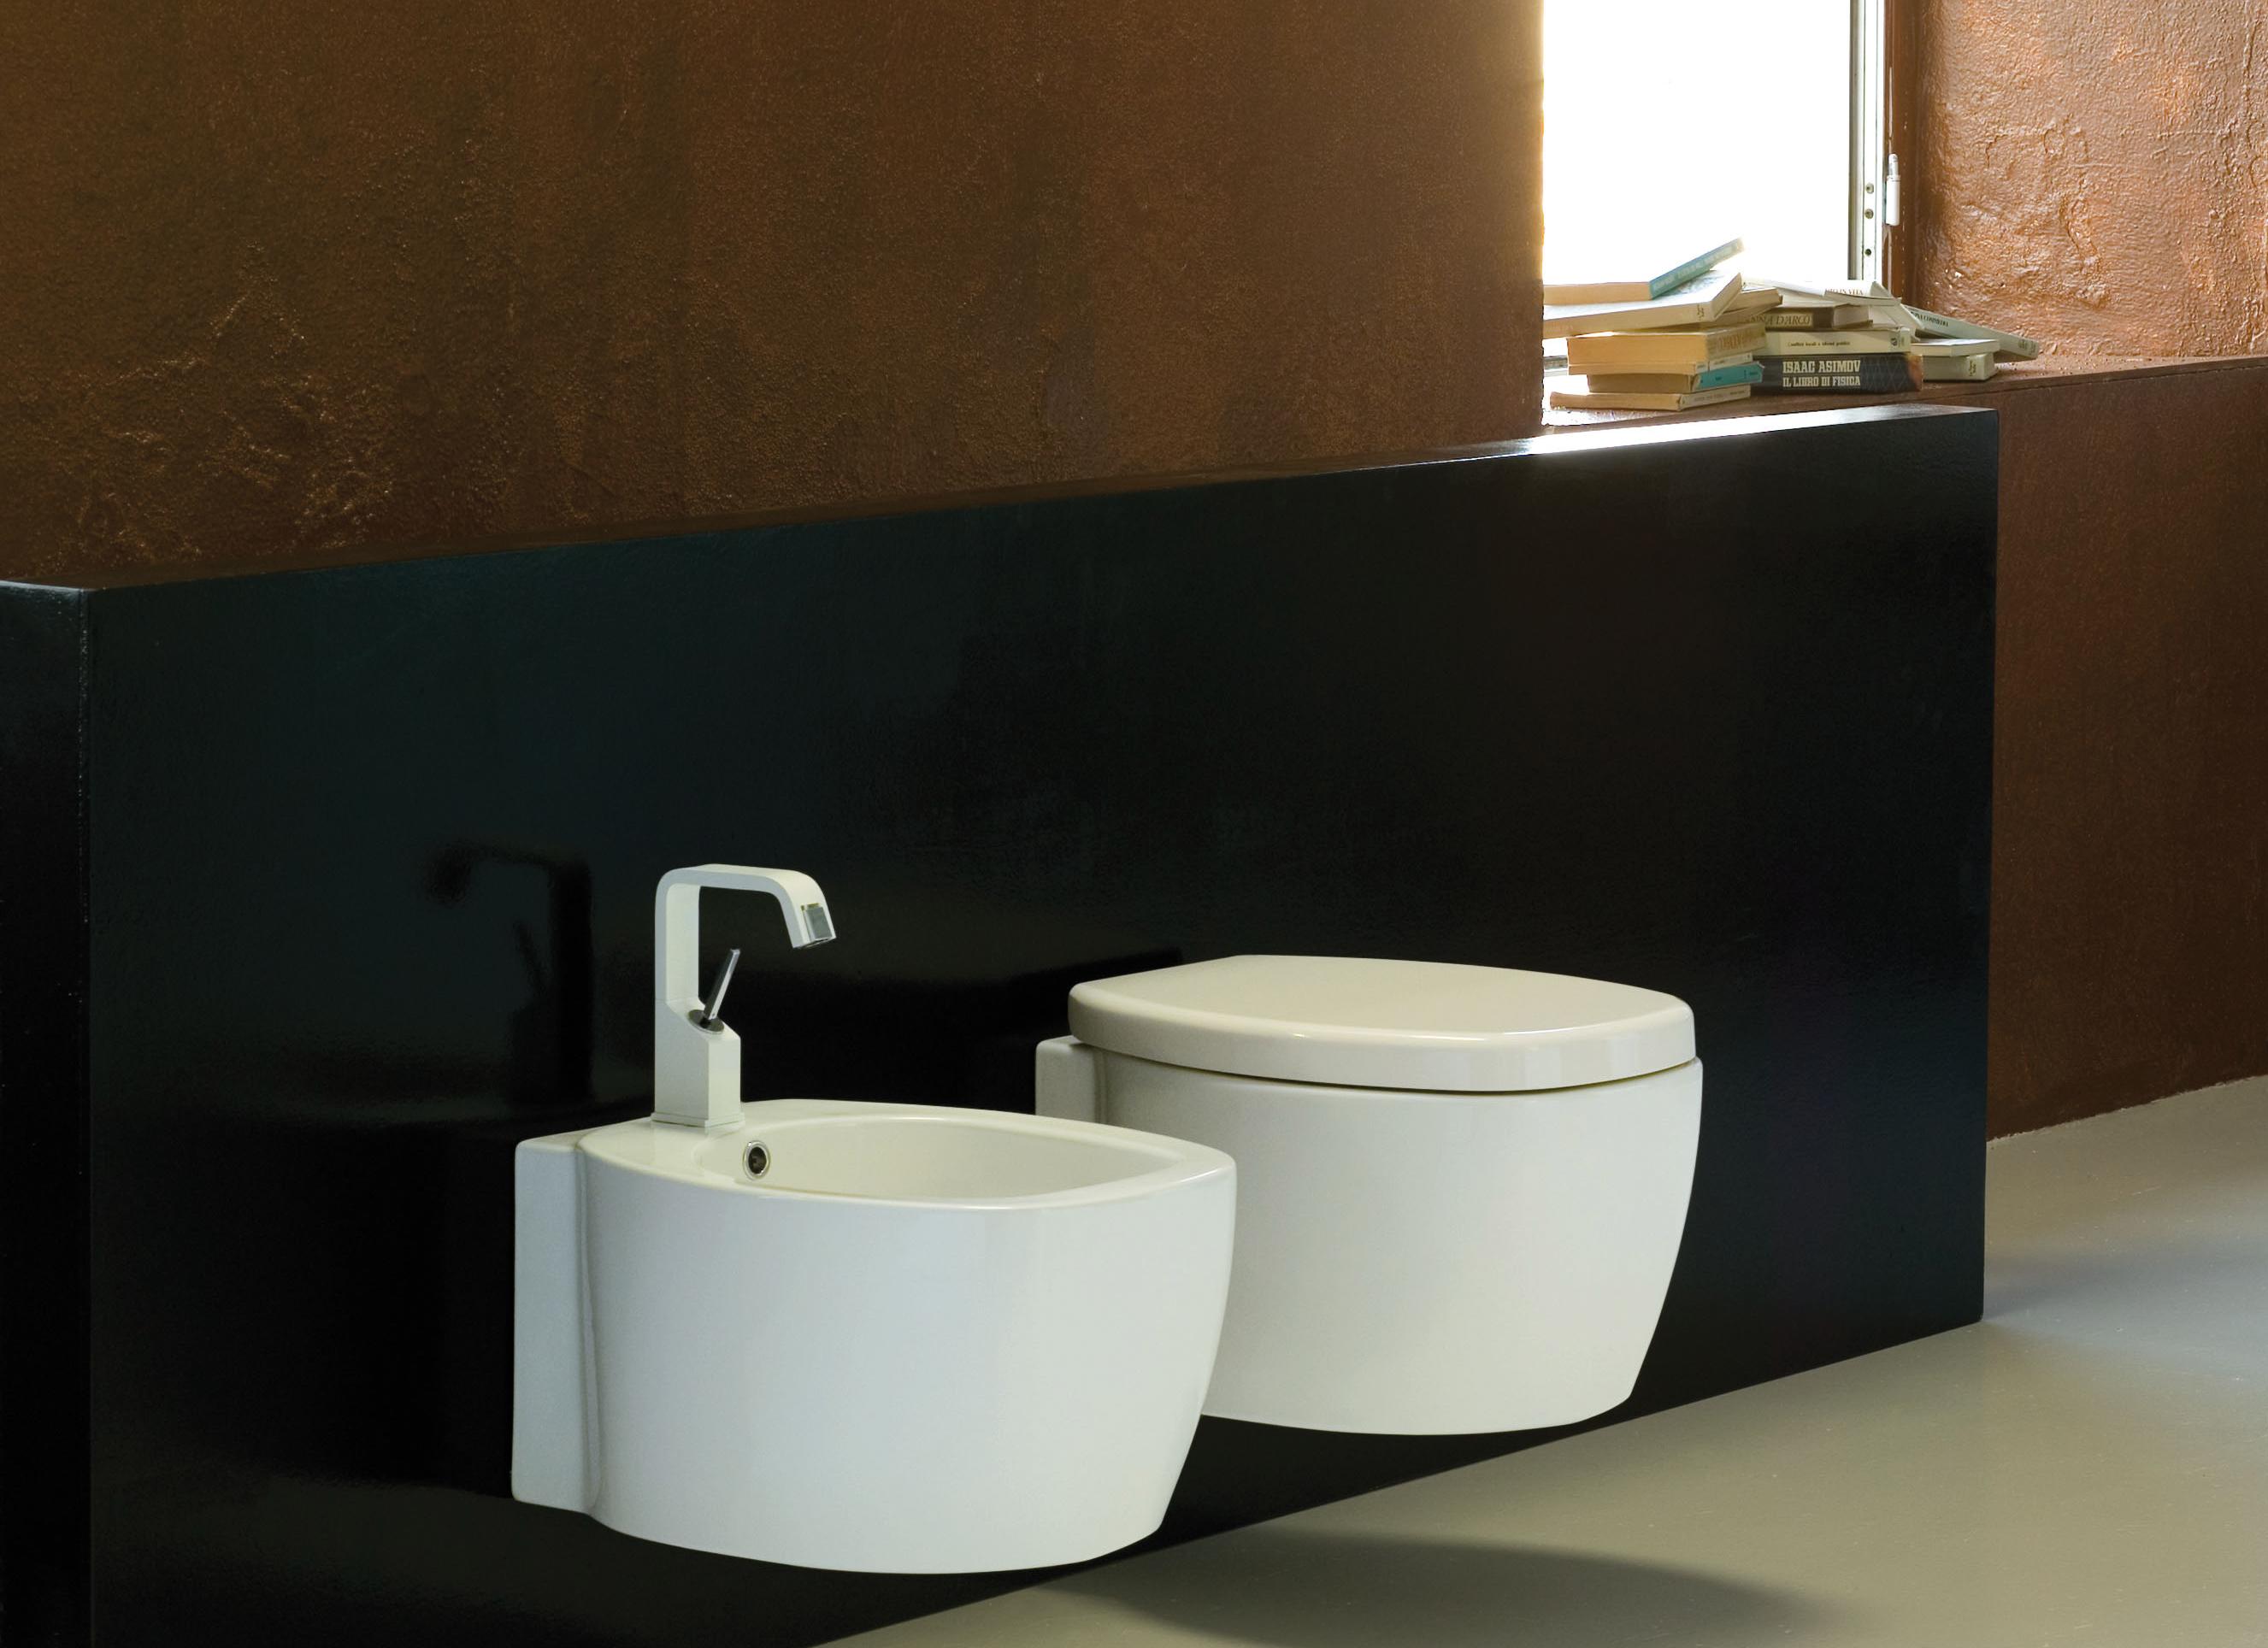 Vlakspoel Toilet Hangend : Praatje wc pot voorlichtingsburo wonen